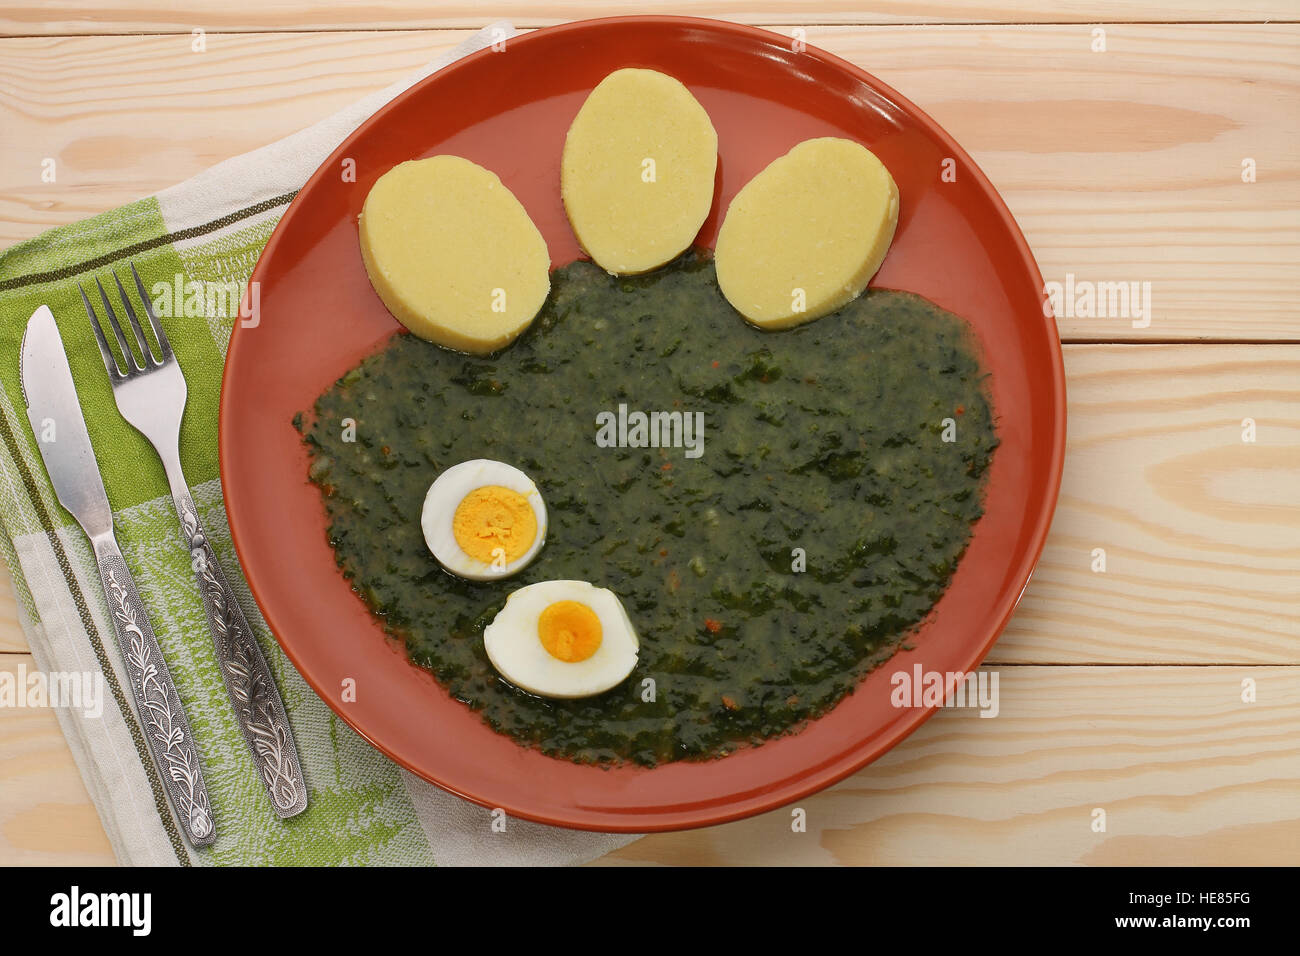 Spinat mit Kartoffelknödel und Spiegelei auf braune Teller mit Besteck auf Holztisch Stockbild